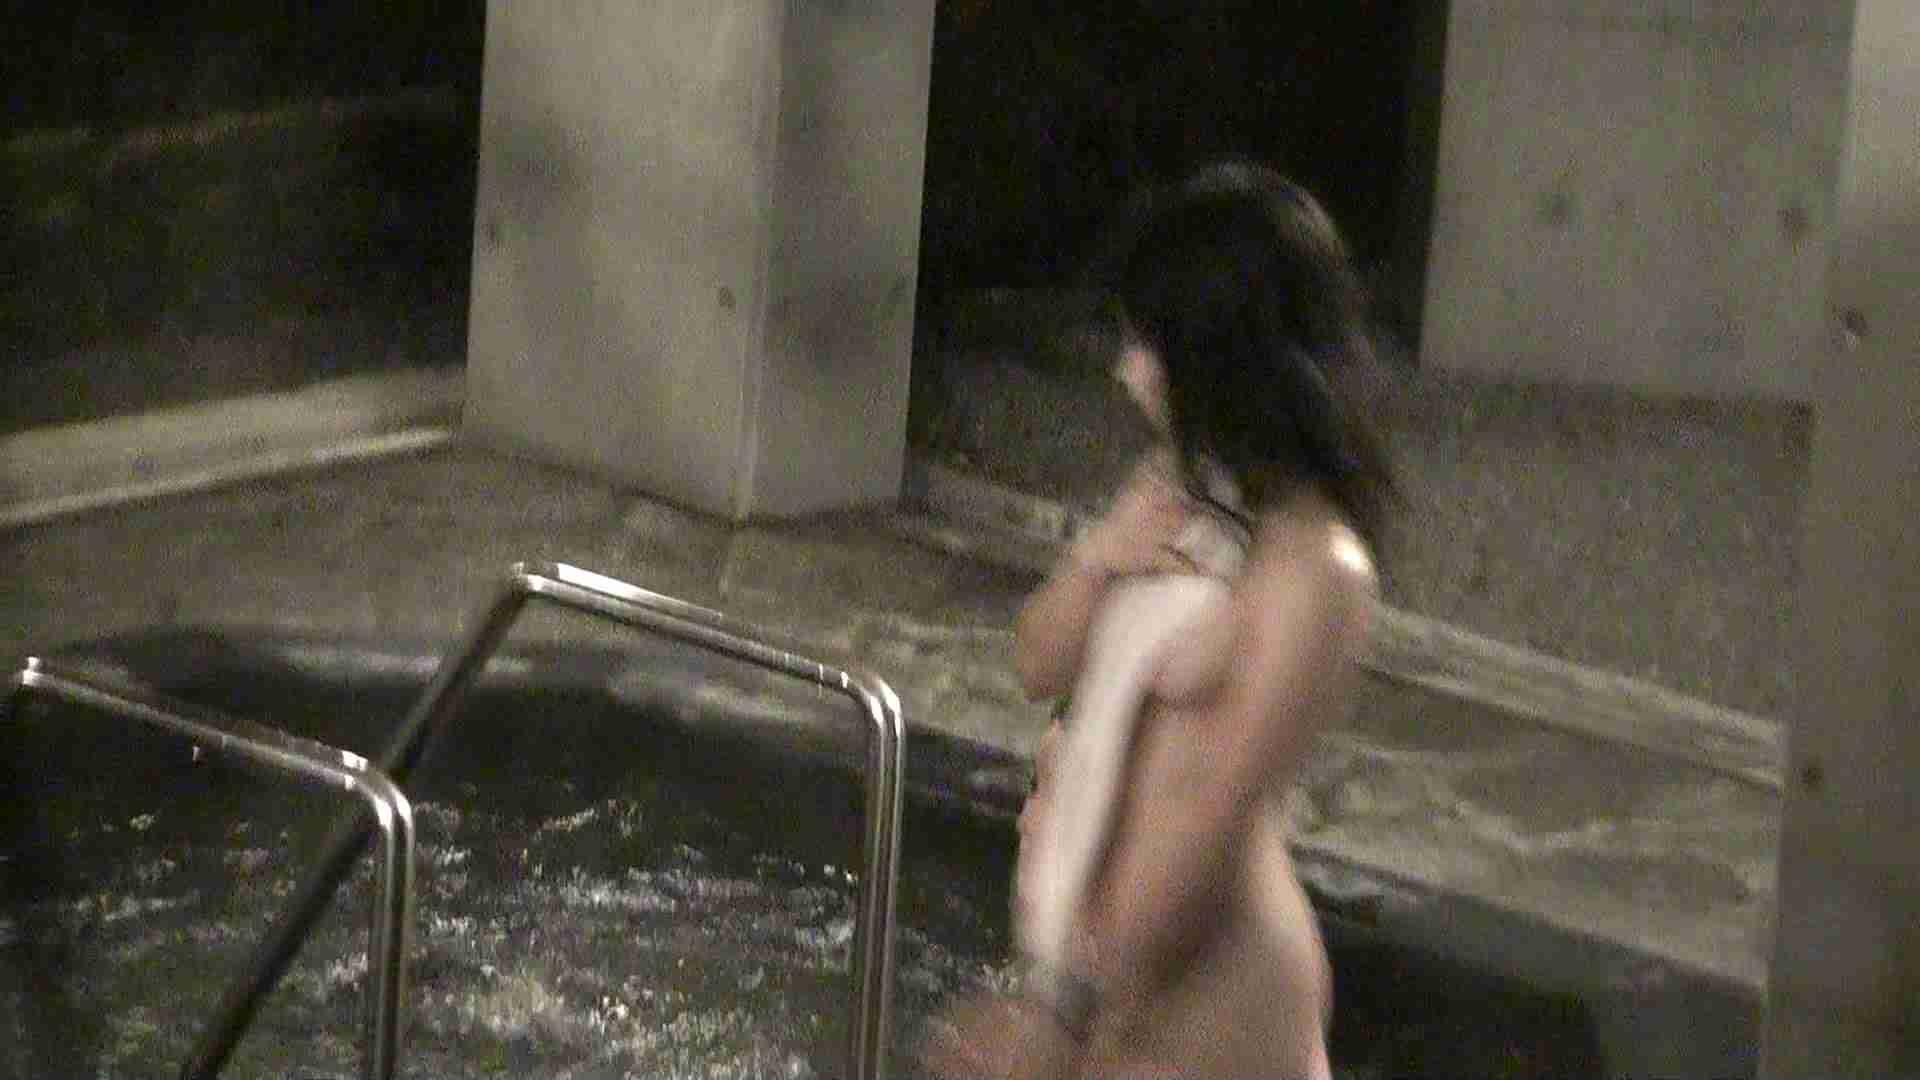 Aquaな露天風呂Vol.415 綺麗なOLたち | 盗撮  68枚 28